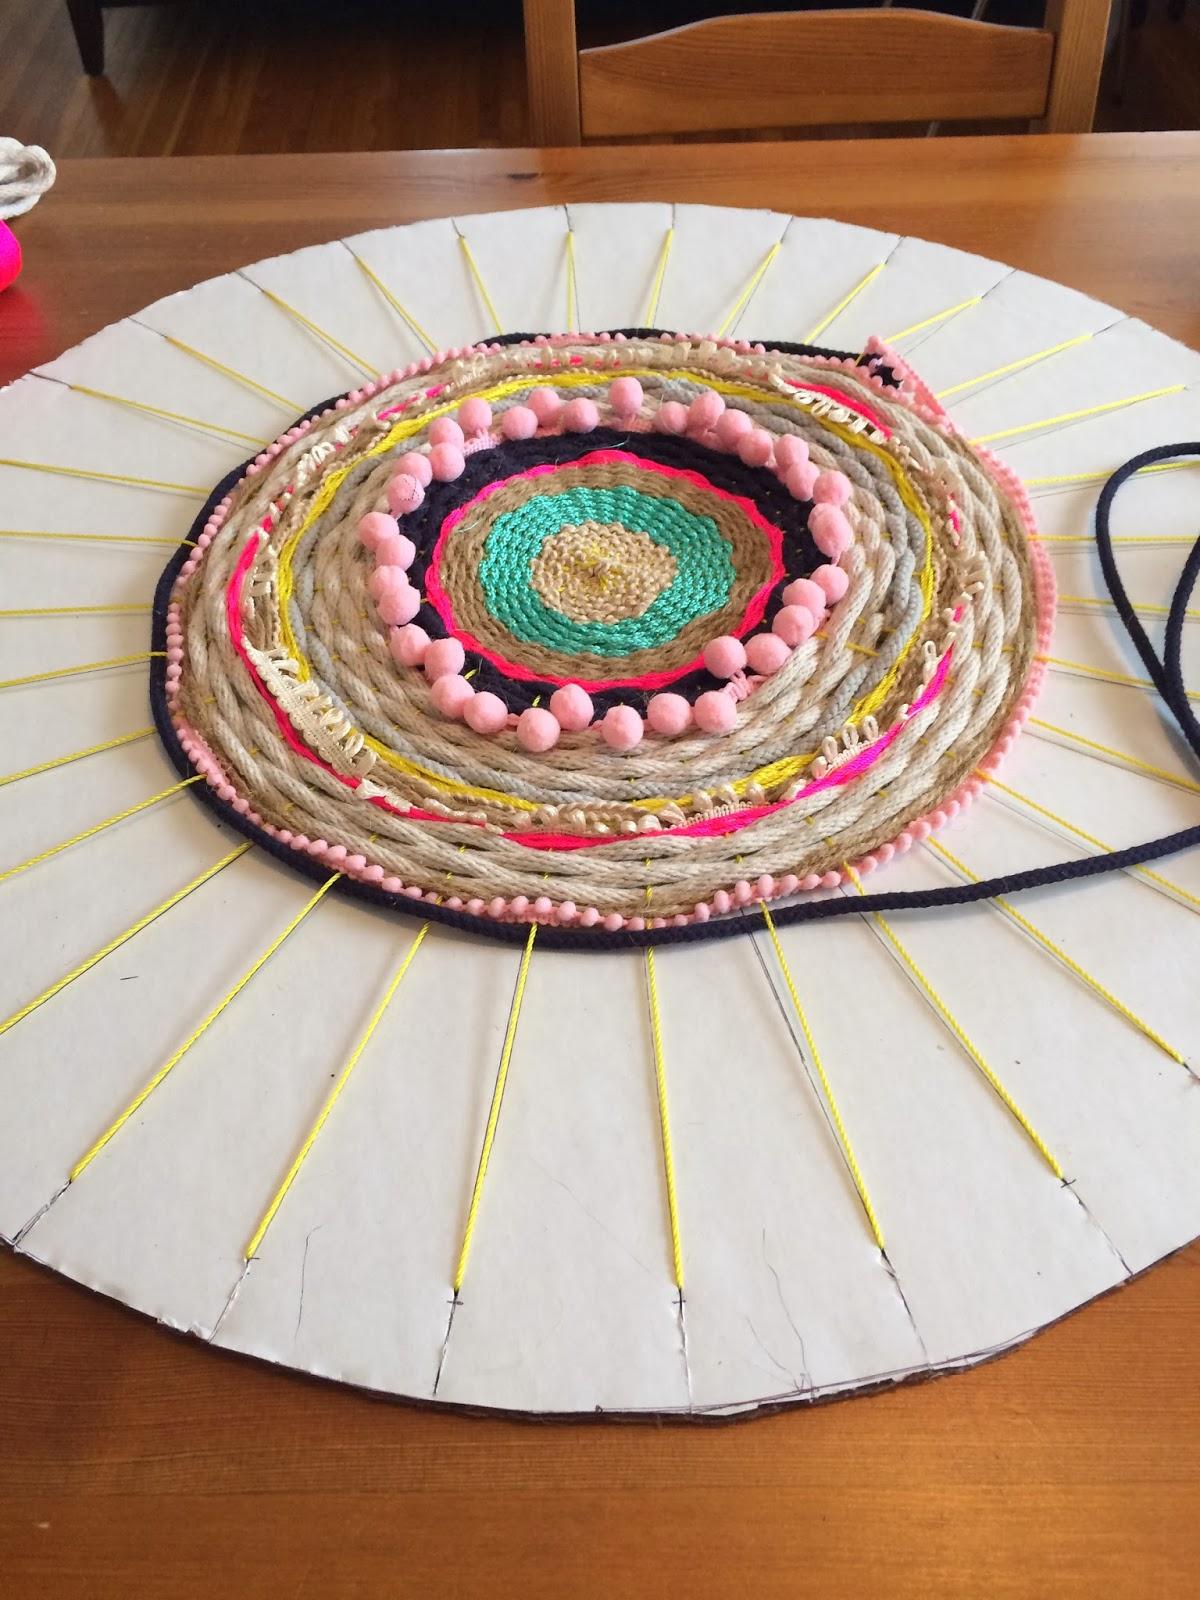 diy woven pom pom rope rug. Black Bedroom Furniture Sets. Home Design Ideas